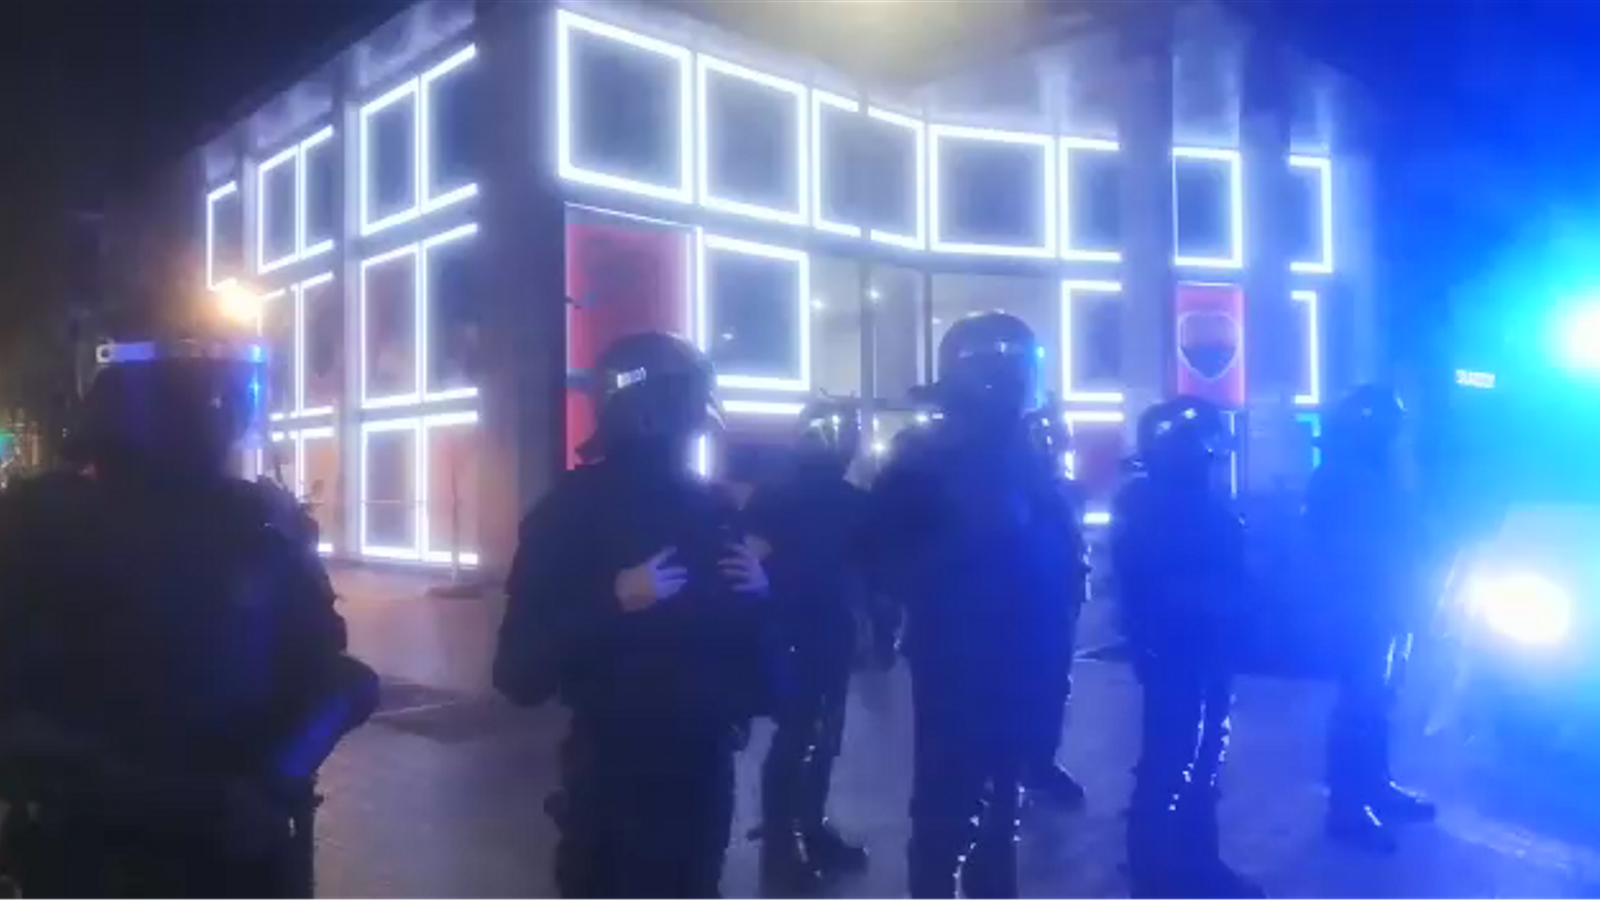 Els manifestants s'han situat davant el cordó dels Mossos que hi ha al carrer Balmes, a la seu de Cs. Càntics de Els Mossos també són forces d'ocupació i Buch dimissió. La pancarta que encapçala la concentració porta el lema de Castanyada contra Espanya